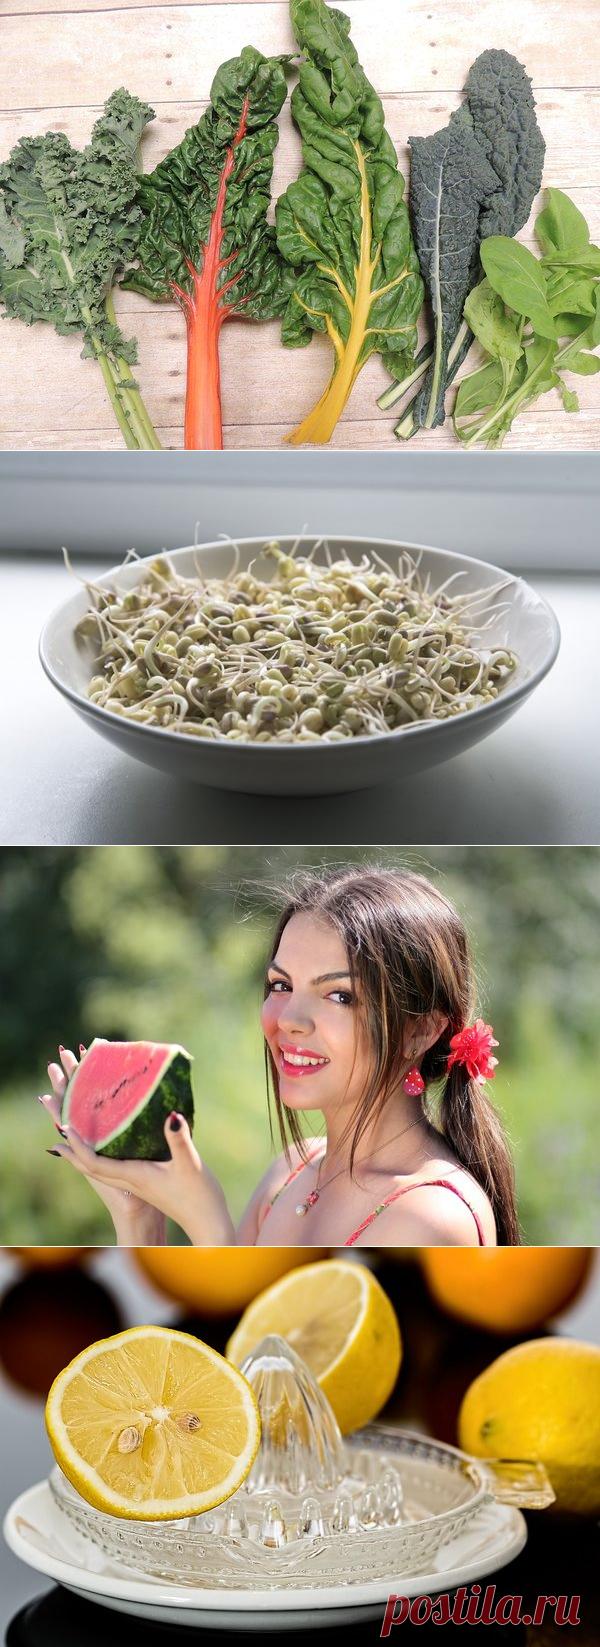 4 полезных продукта, которые летом могут навредить   Доброго здоровья!   Яндекс Дзен